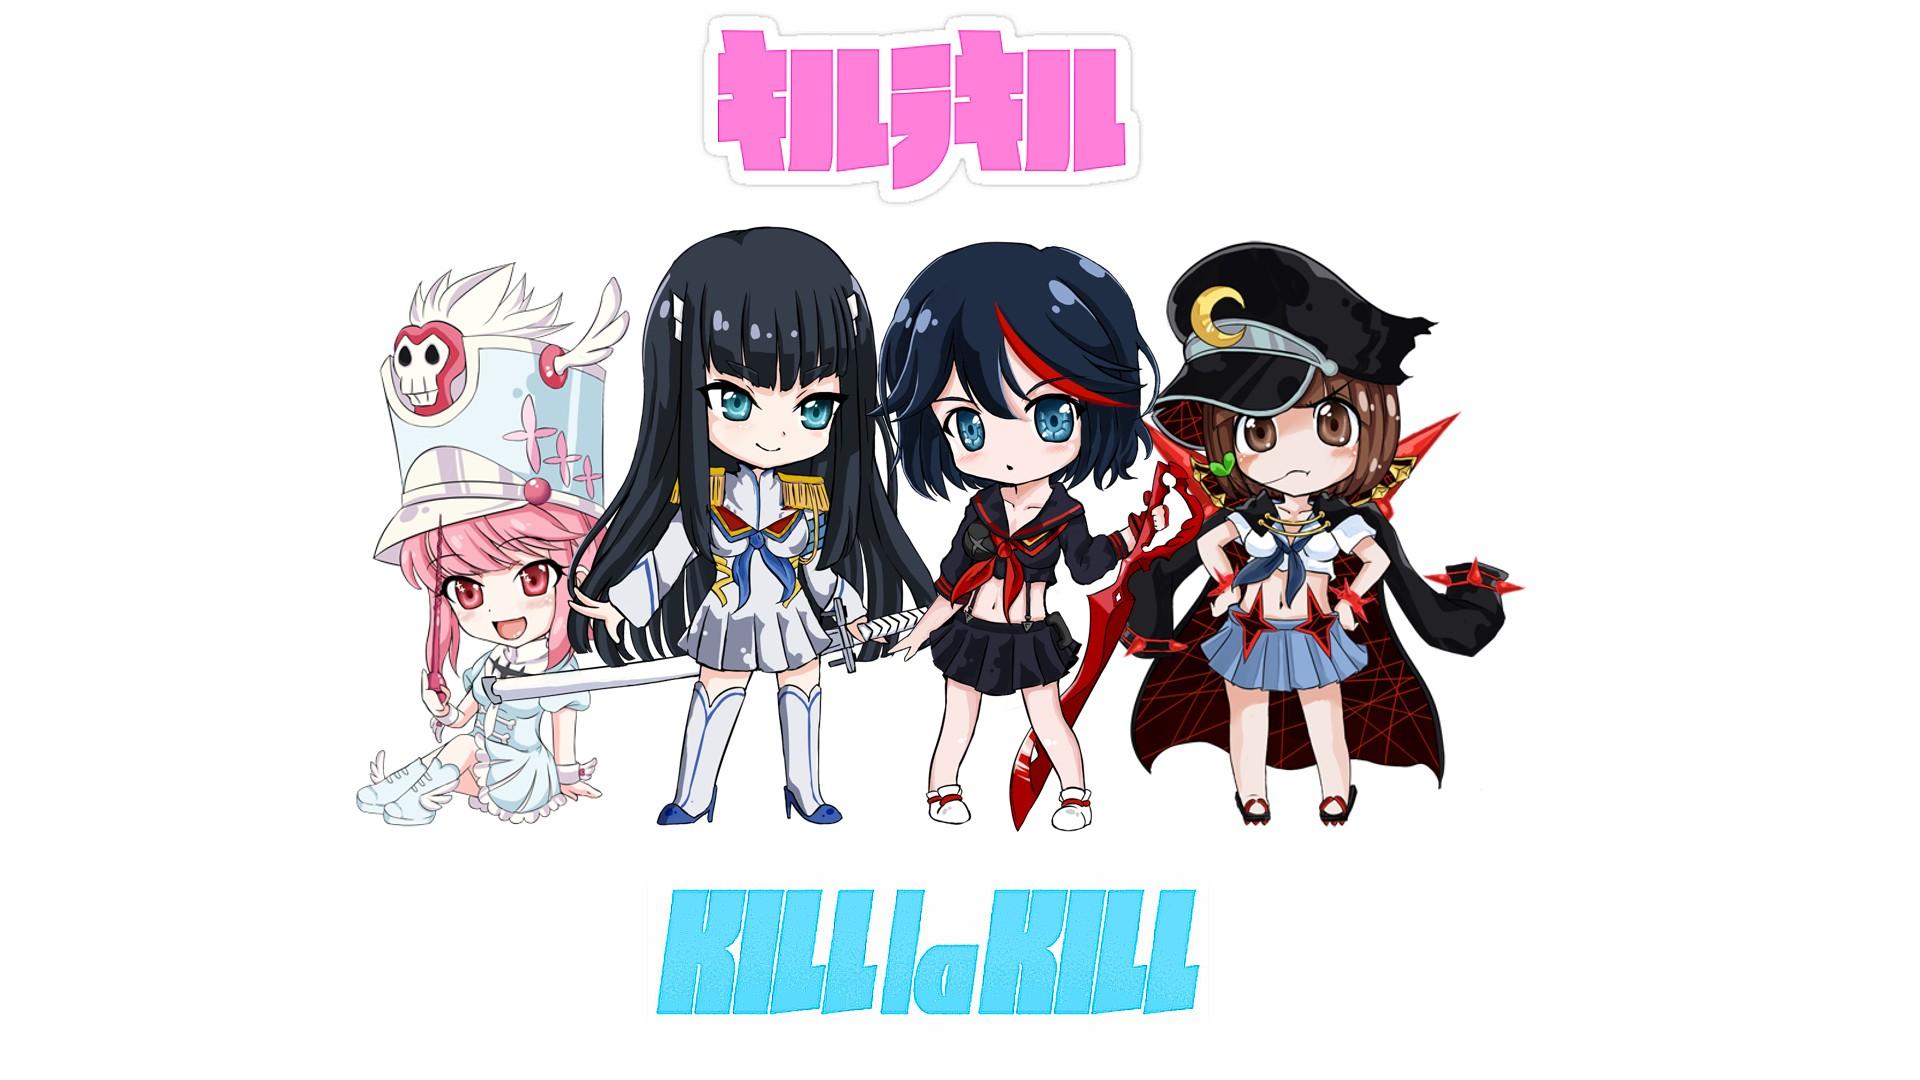 Wallpaper Illustration Anime Cartoon Jakuzure Nonon